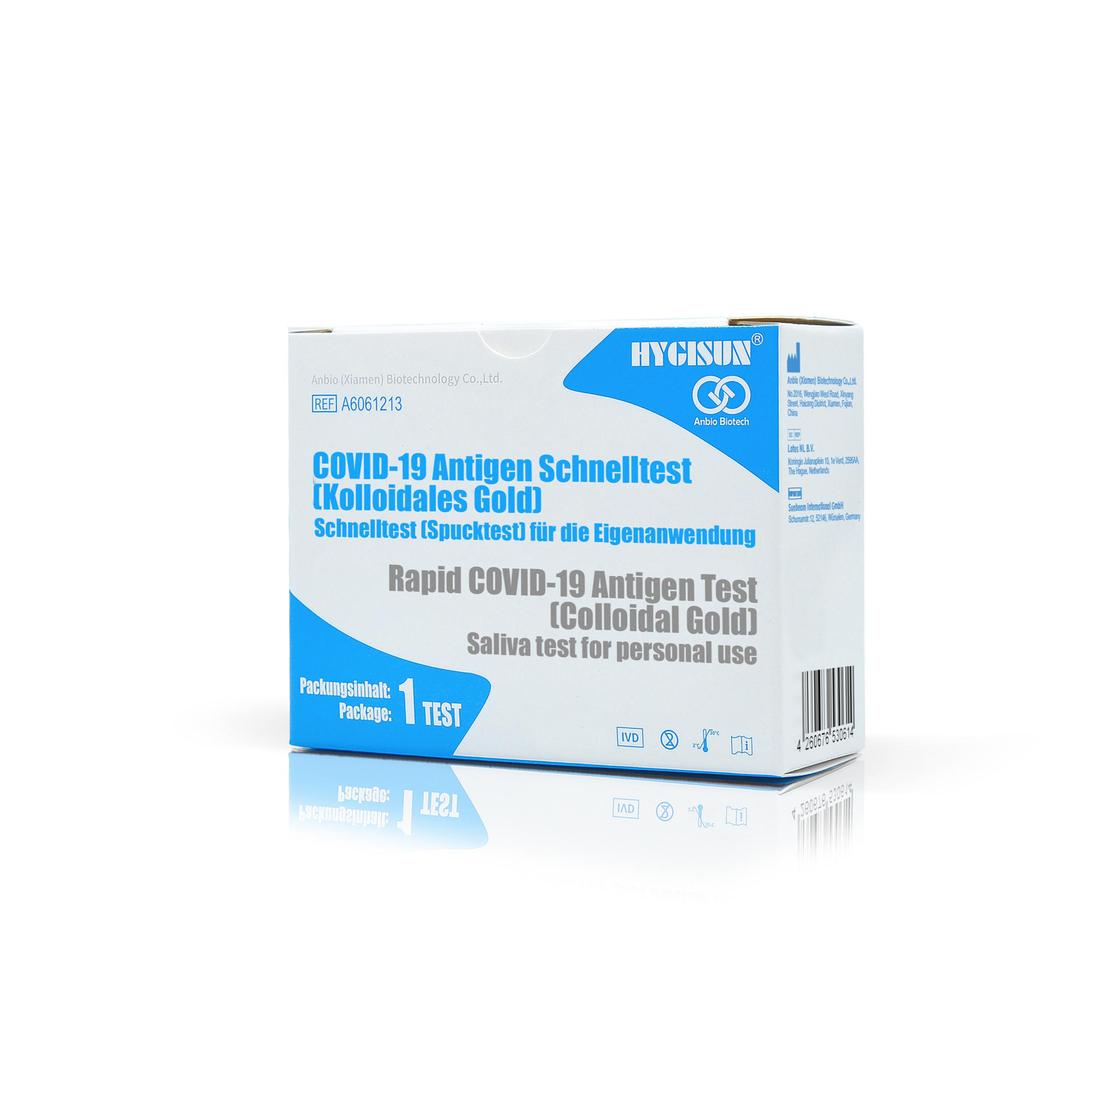 HYGISUN® COVID-19 Antigen Schnelltest, Spucktest für die Eigenanwendung